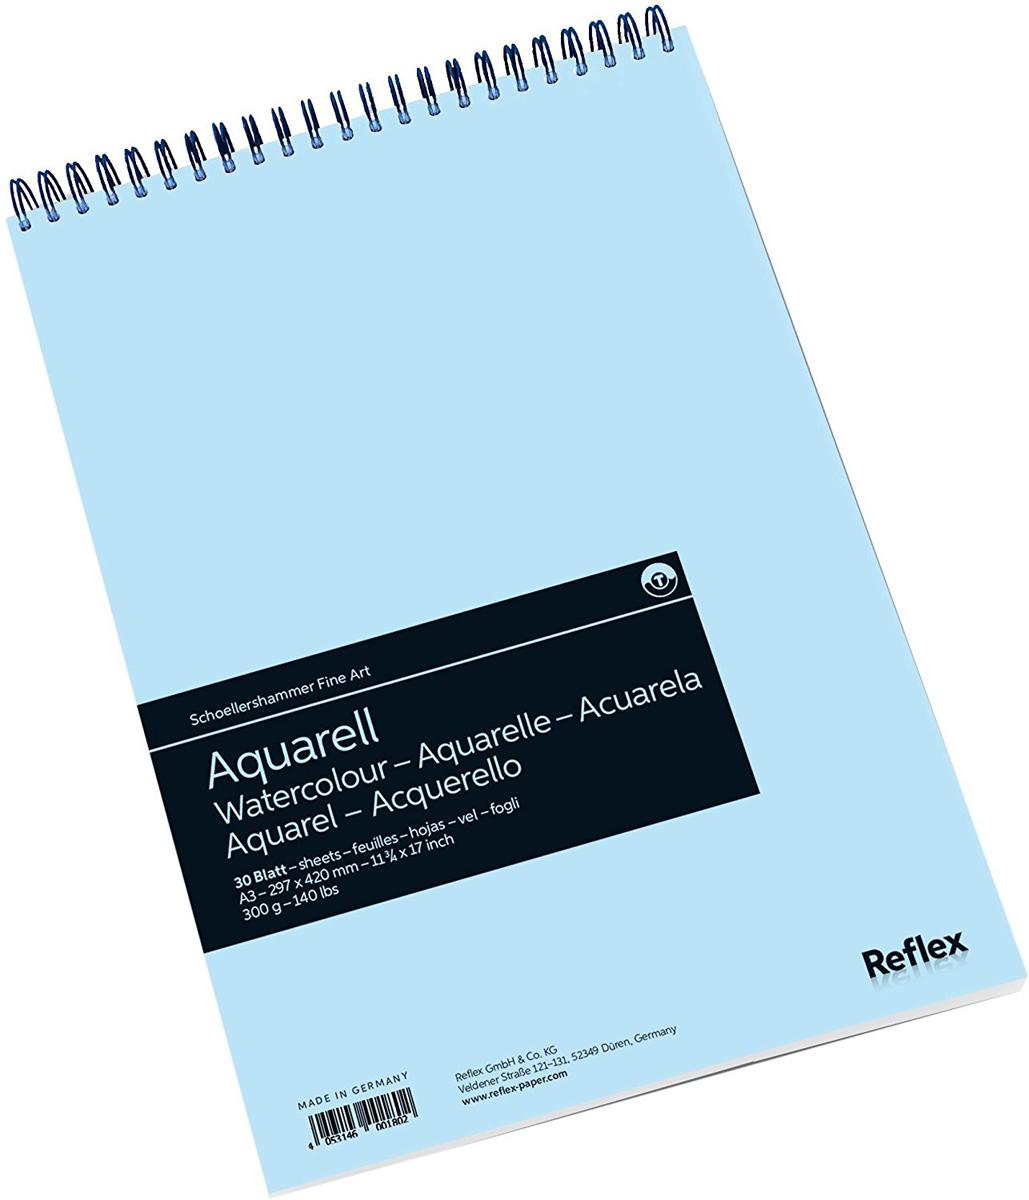 Reflex Альбом для акварели Watercolour 30 листов формат A3 -  Бумага и картон